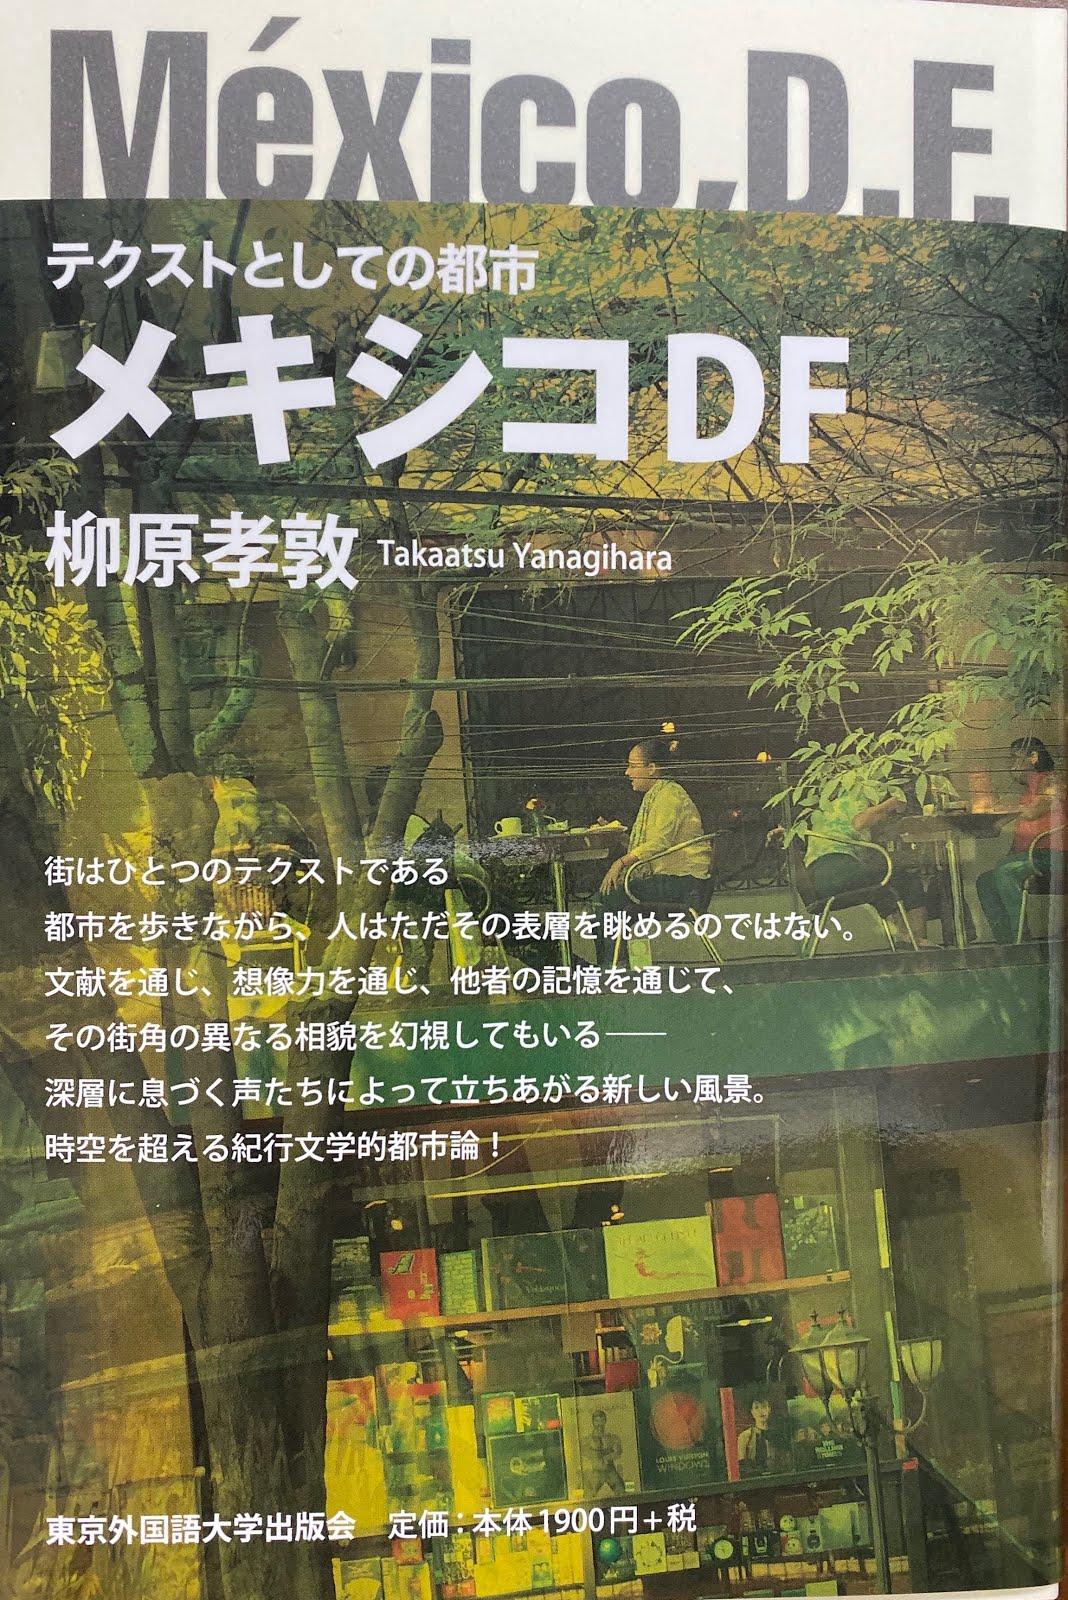 『テクストとしての都市 メキシコDF』(東京外国語大学出版会、2019)